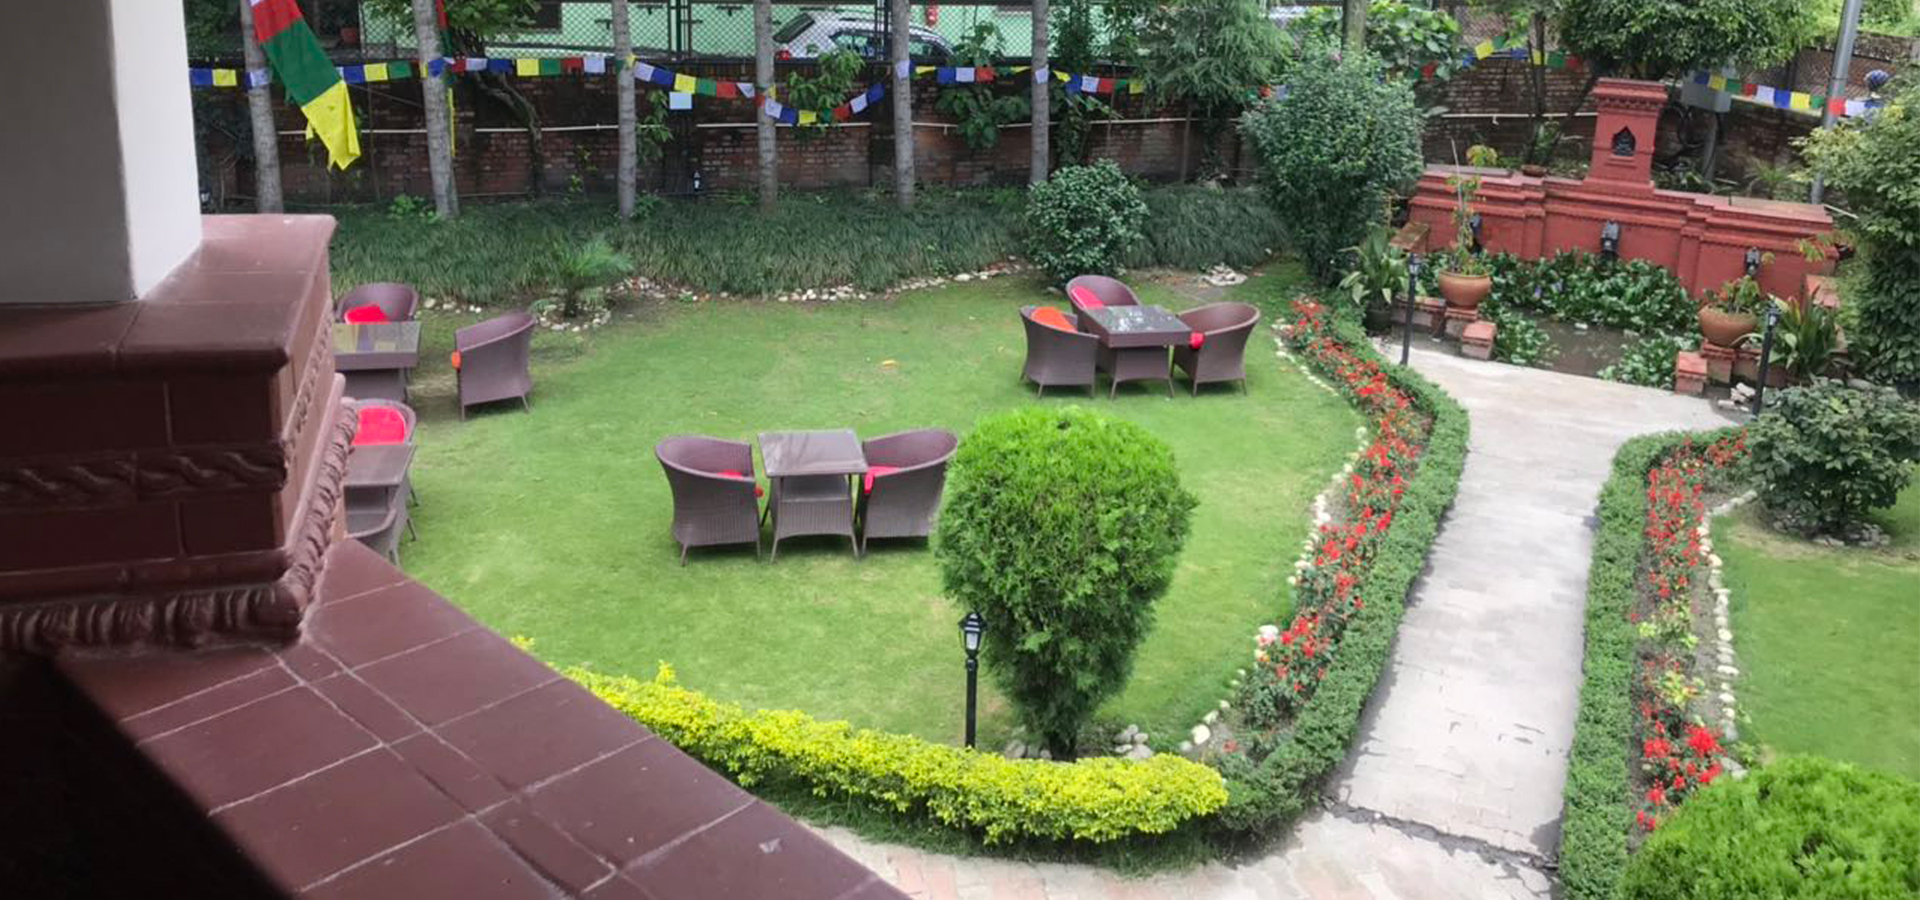 Norchhok_web1-garden